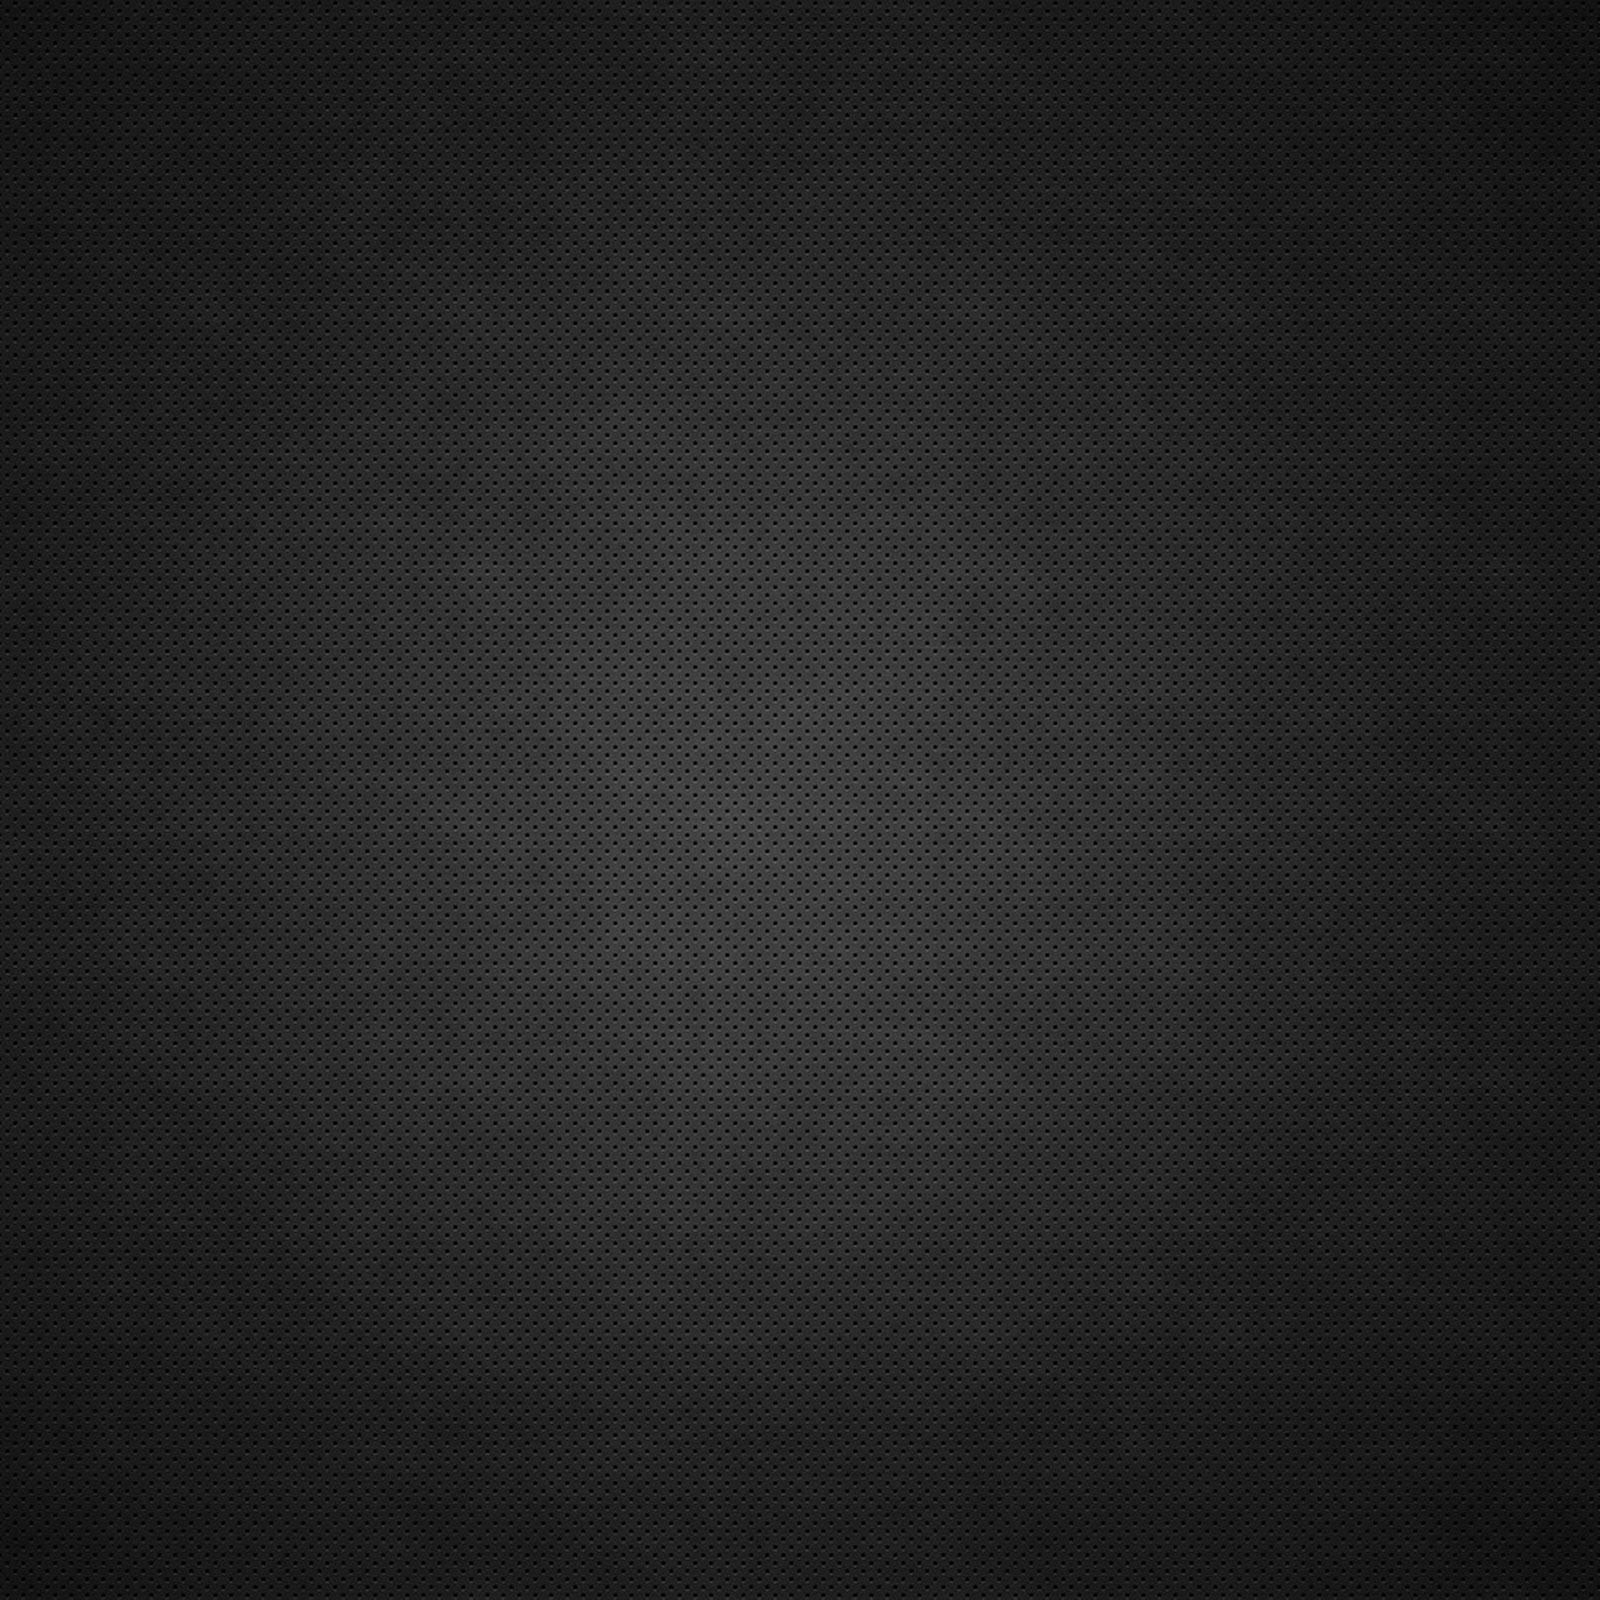 New iPad Black Wallpapers Retina iPad wallpaper 1600x1600